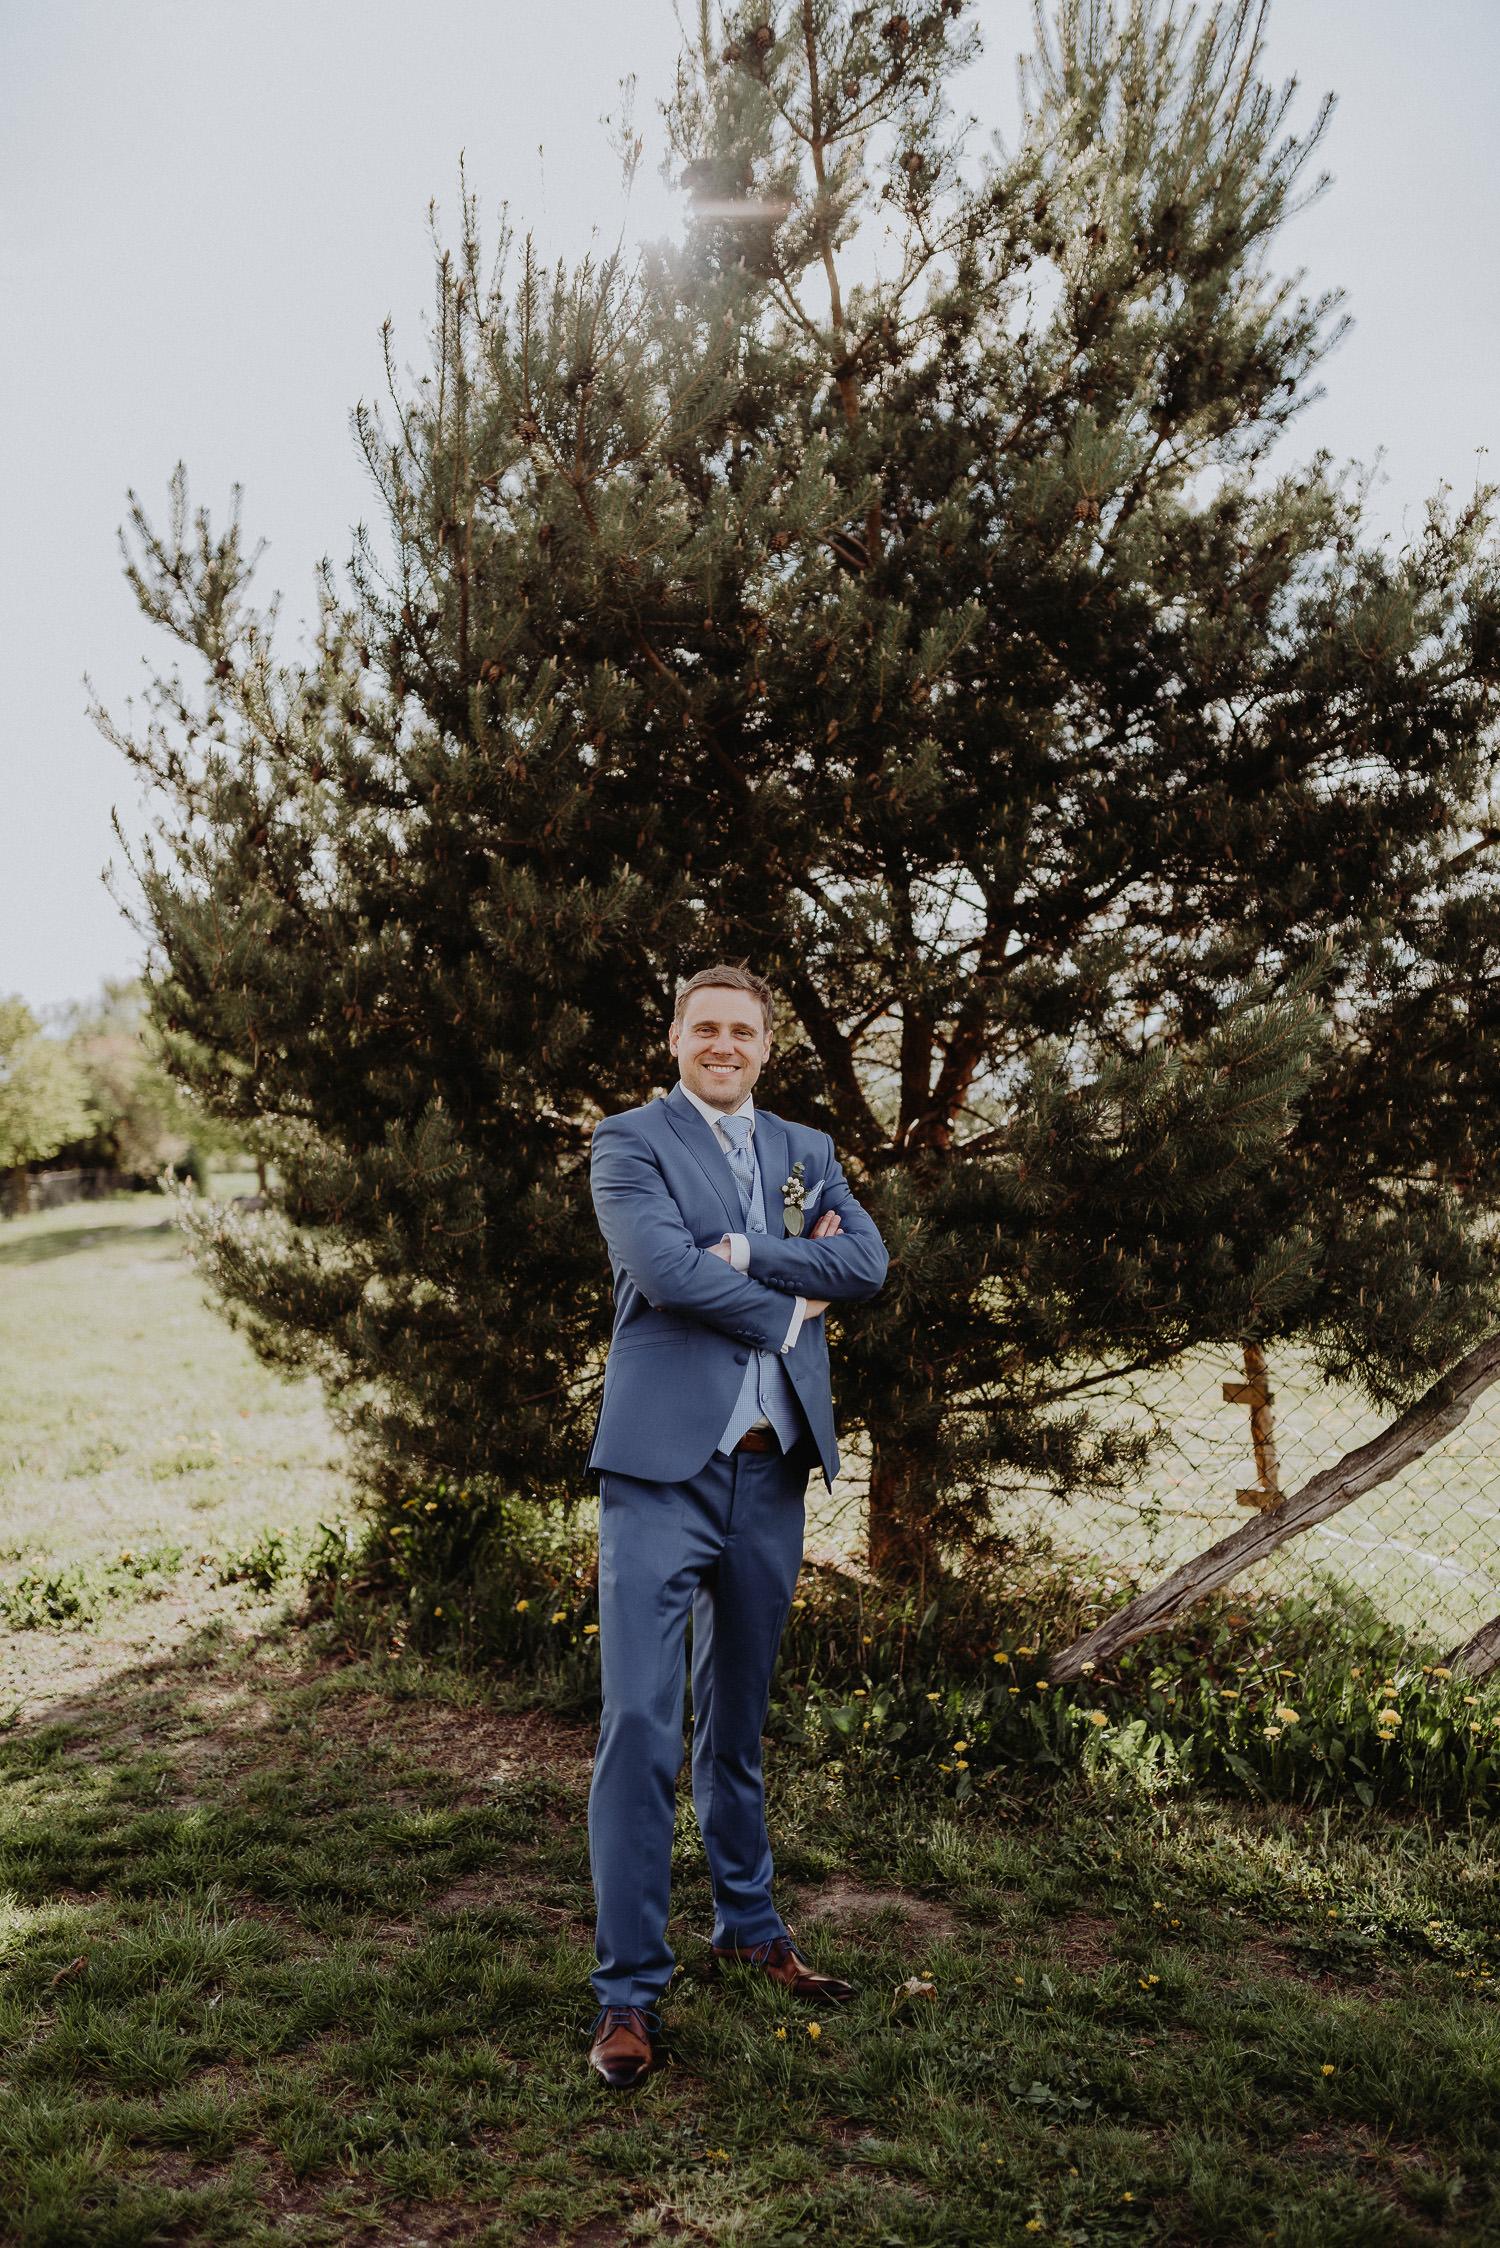 Scheunen-Hochzeit-Alte-Schmiede-Niemegk-by-Steven-Schwanz-103